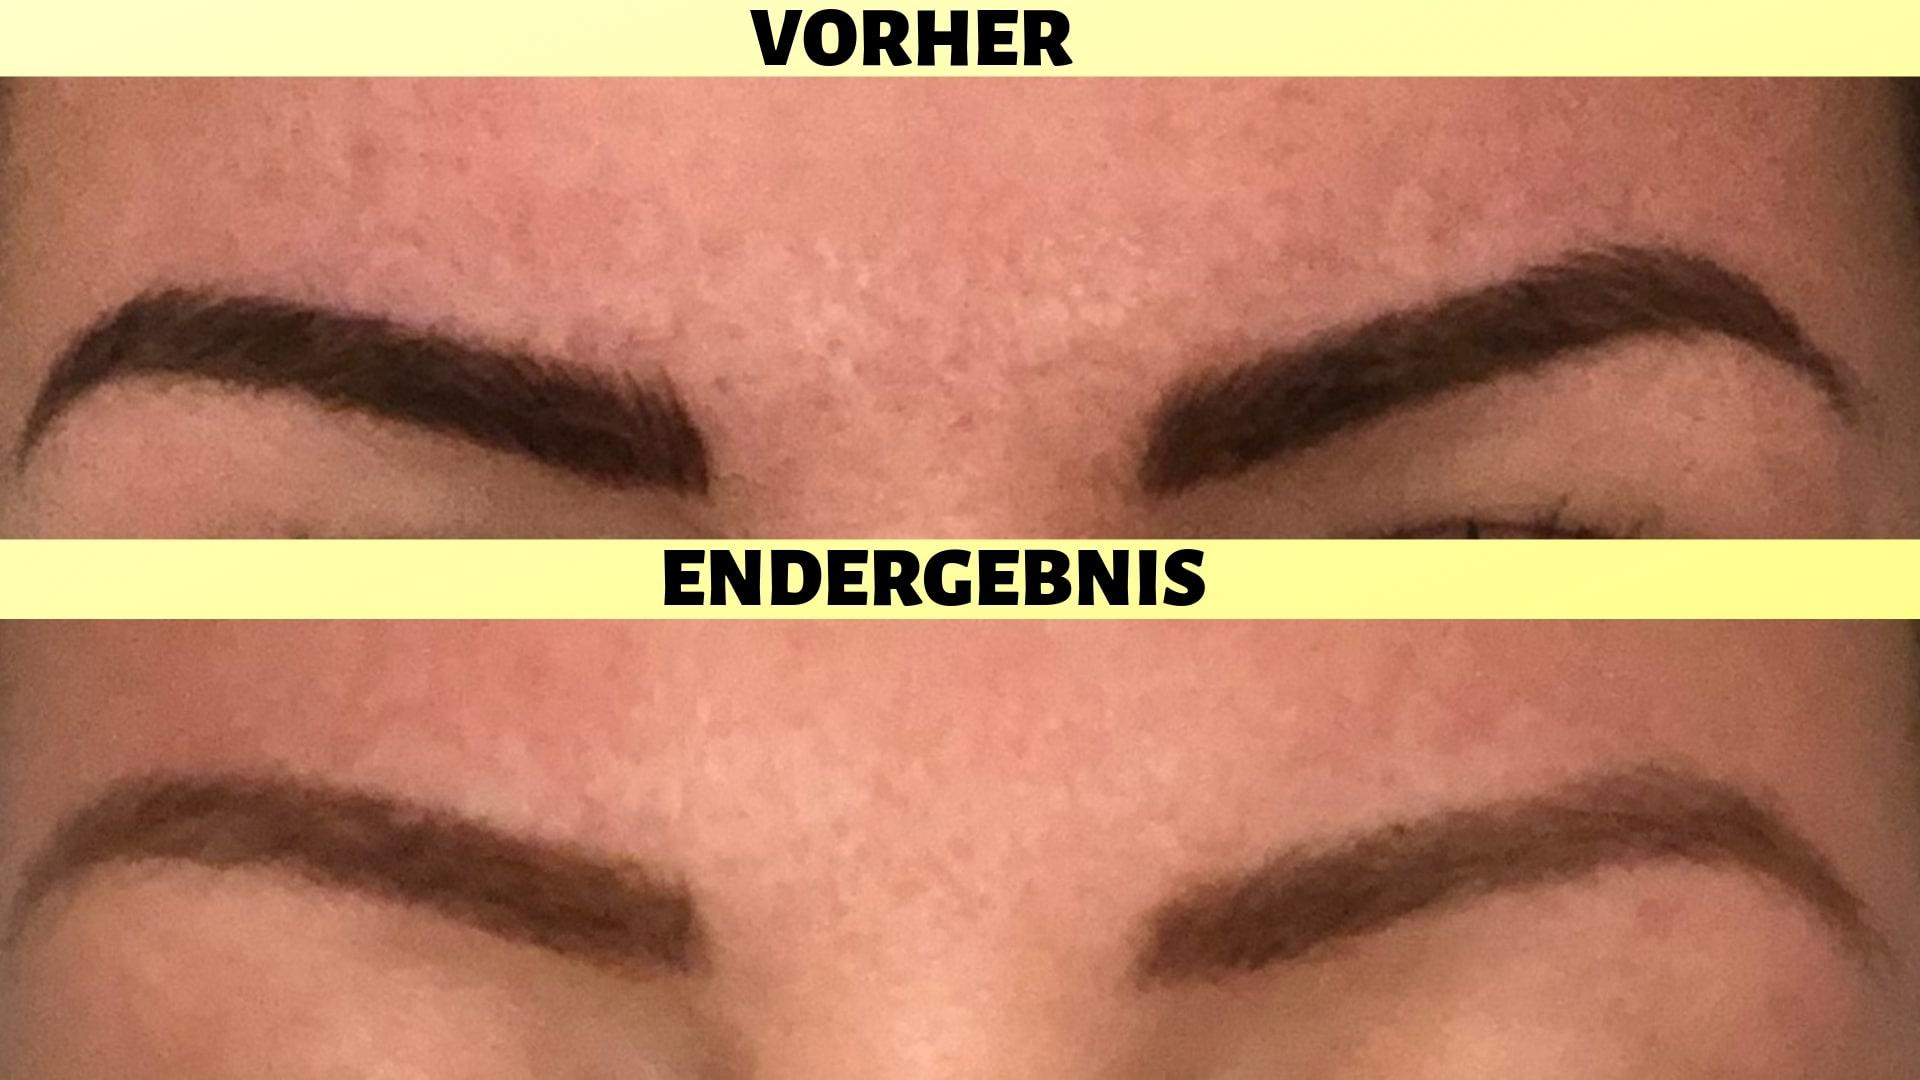 VORHER-min(1)